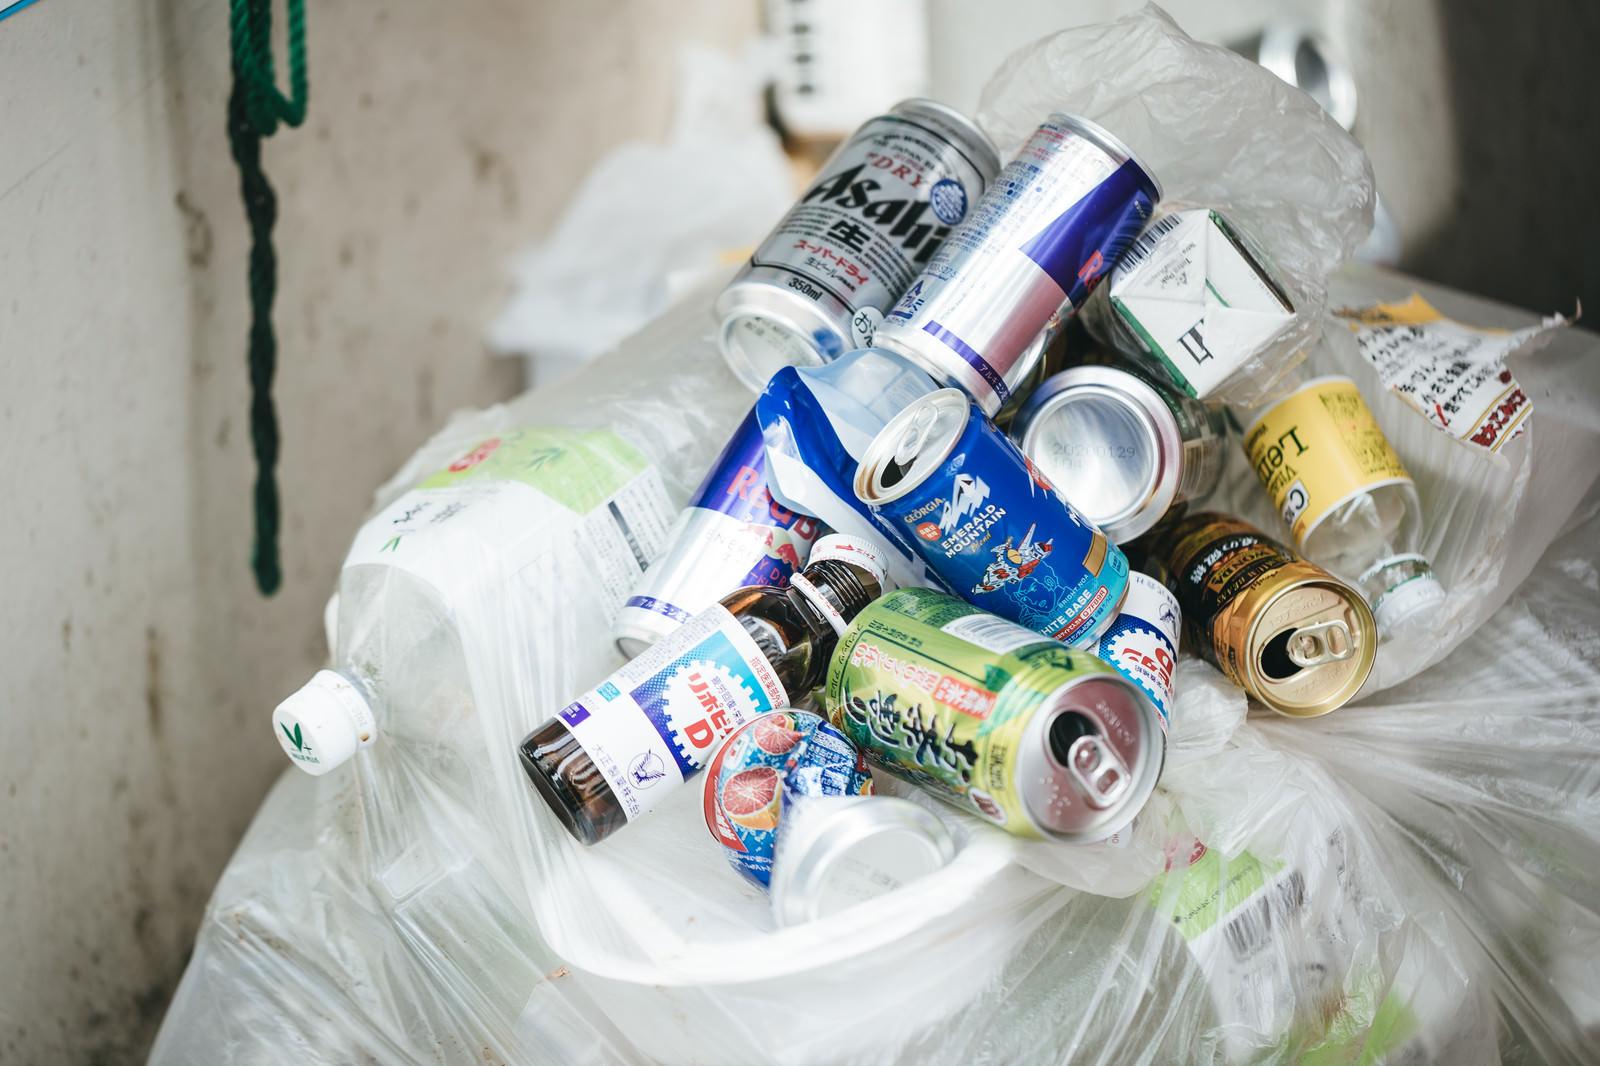 「ゴミ袋がある場所に捨てられていく空き缶の山」の写真